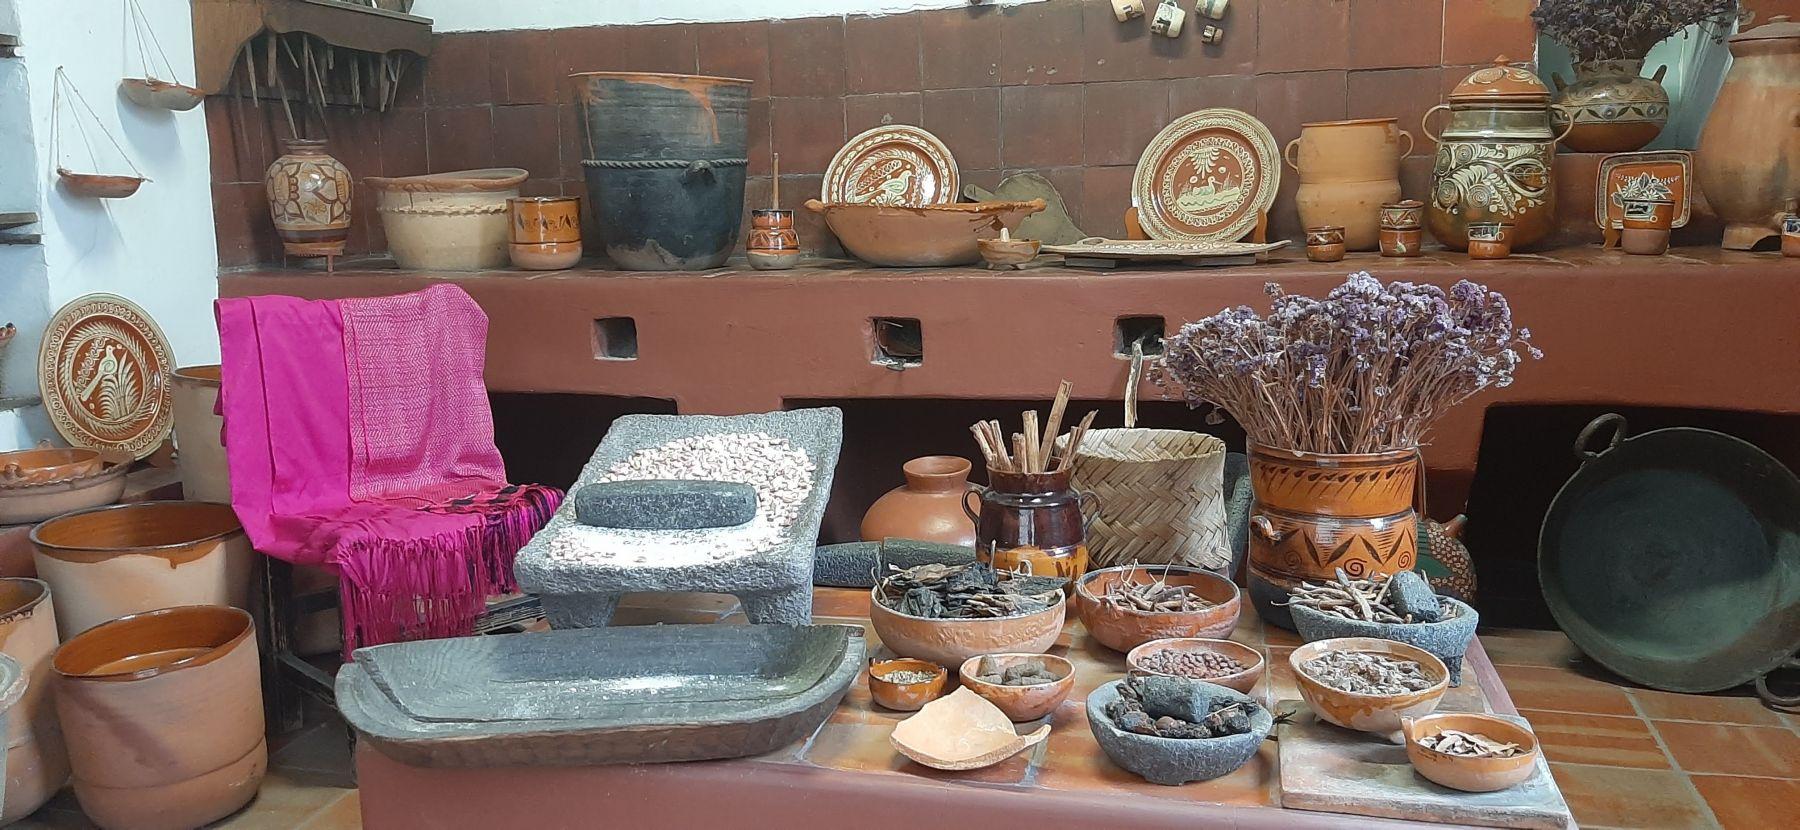 Muzeum keramiky v Tlaquepaque